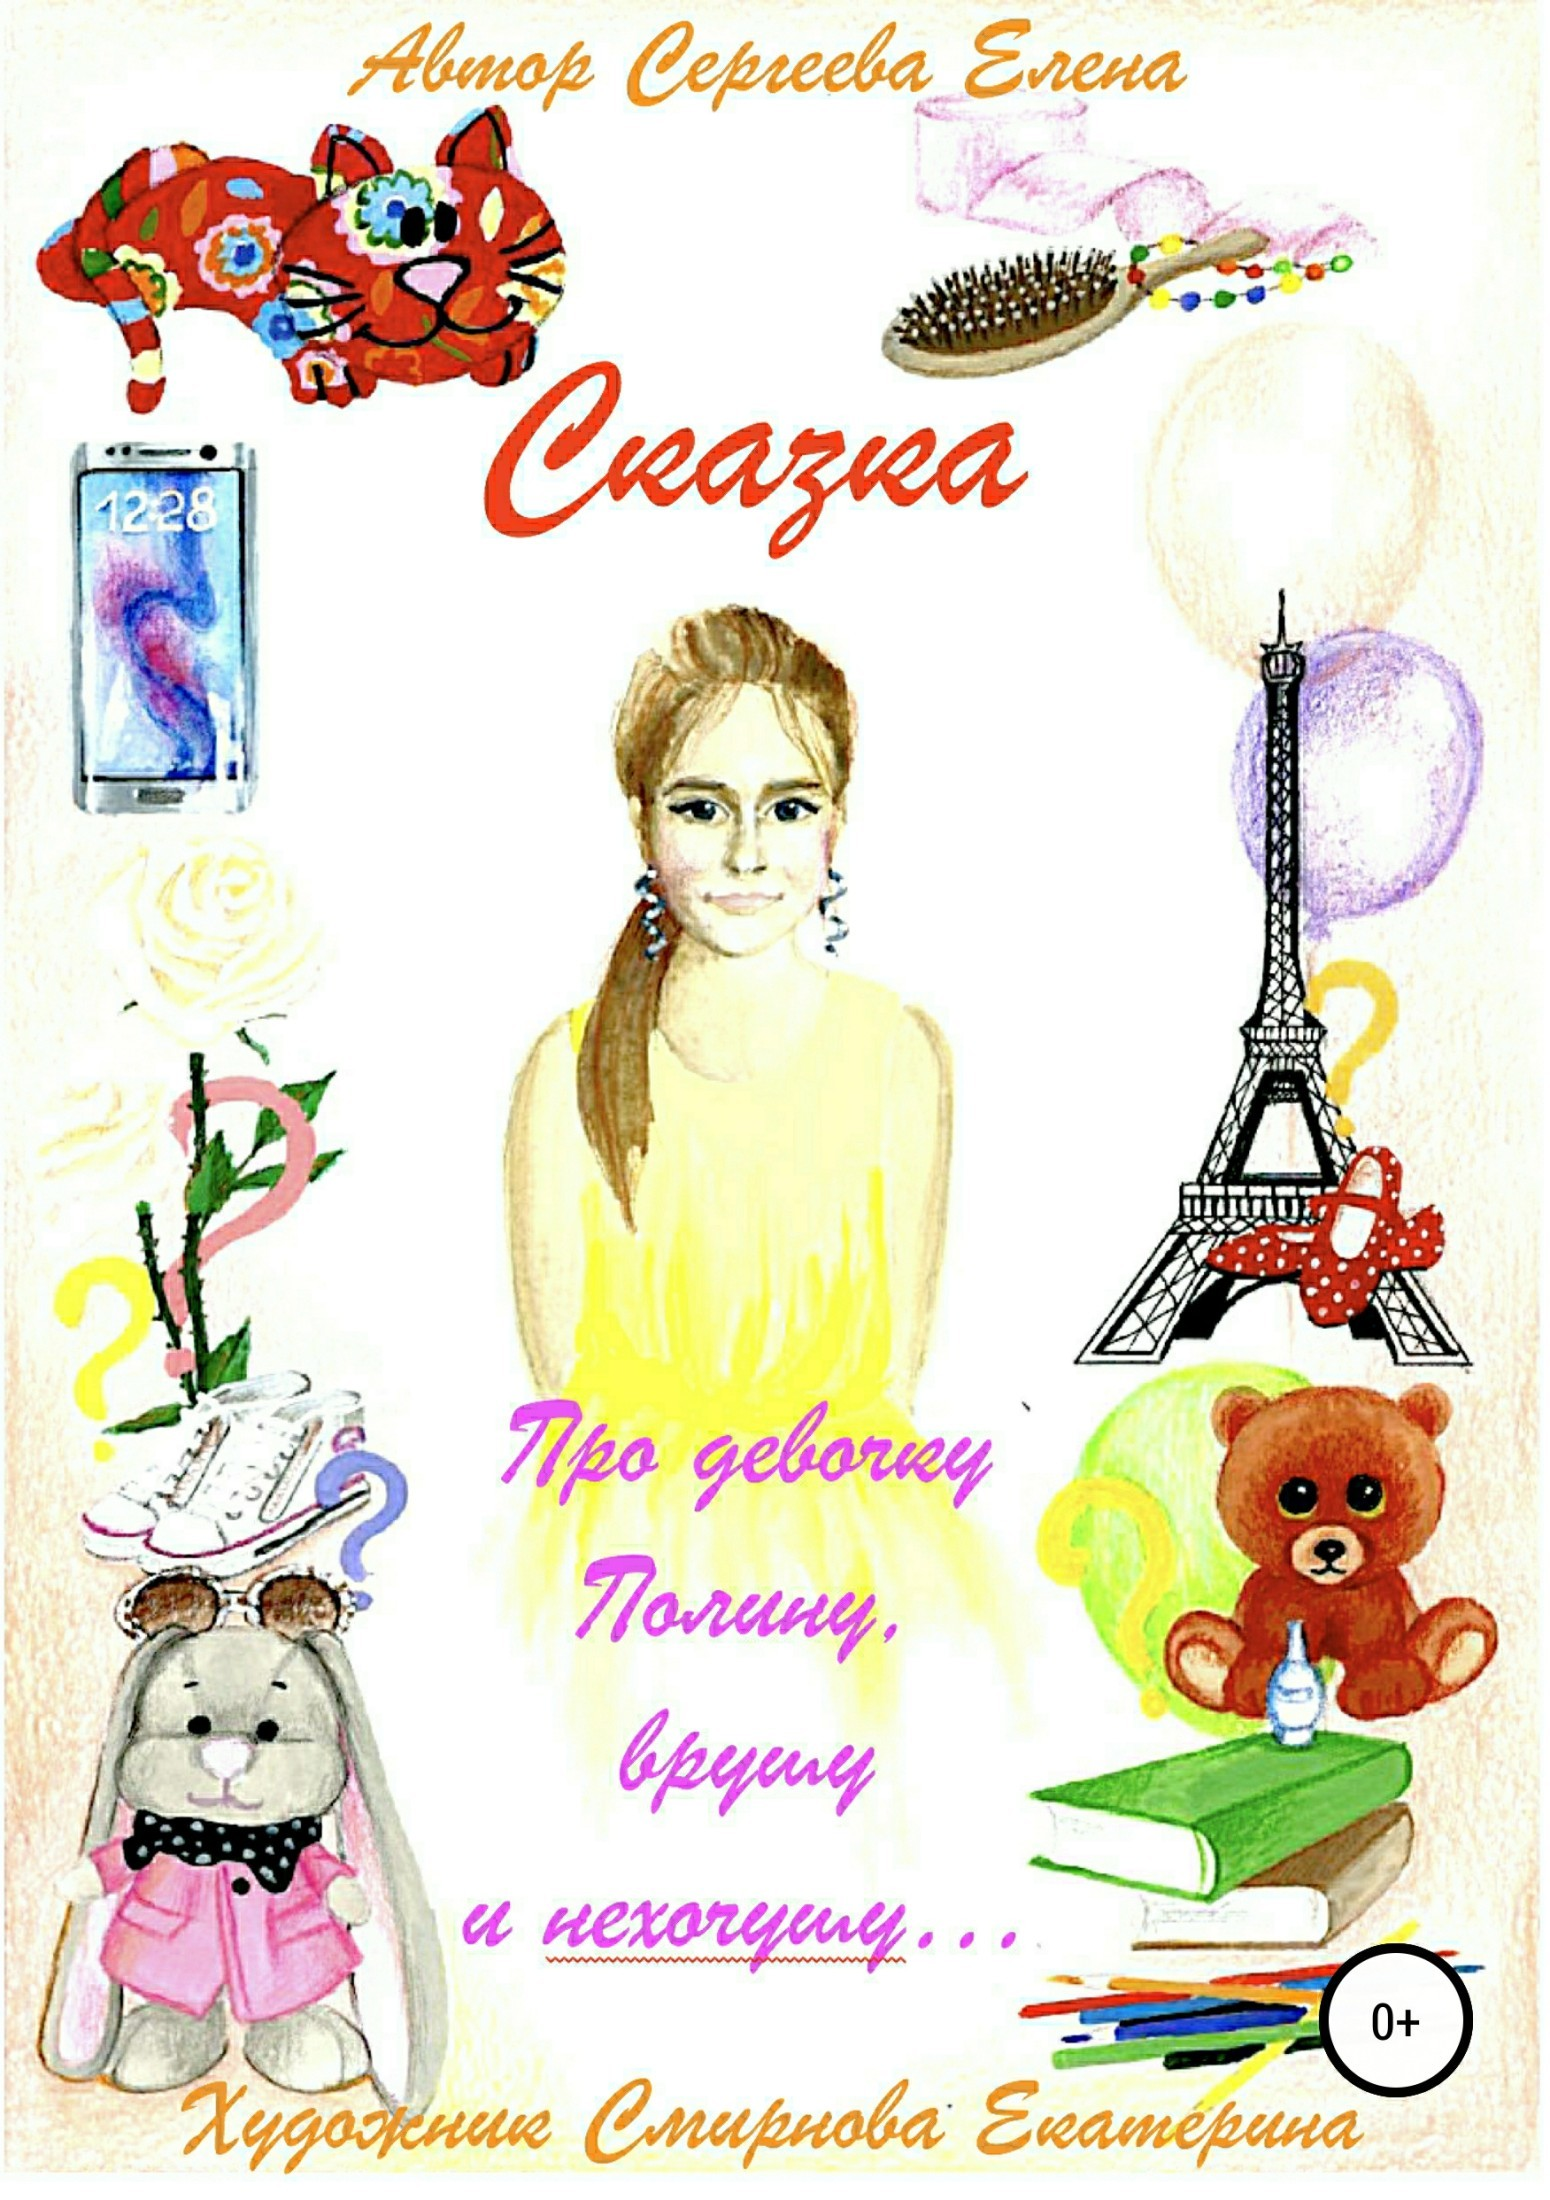 Елена Сергеева - Про девочку Полину, врушу и нехочушу…